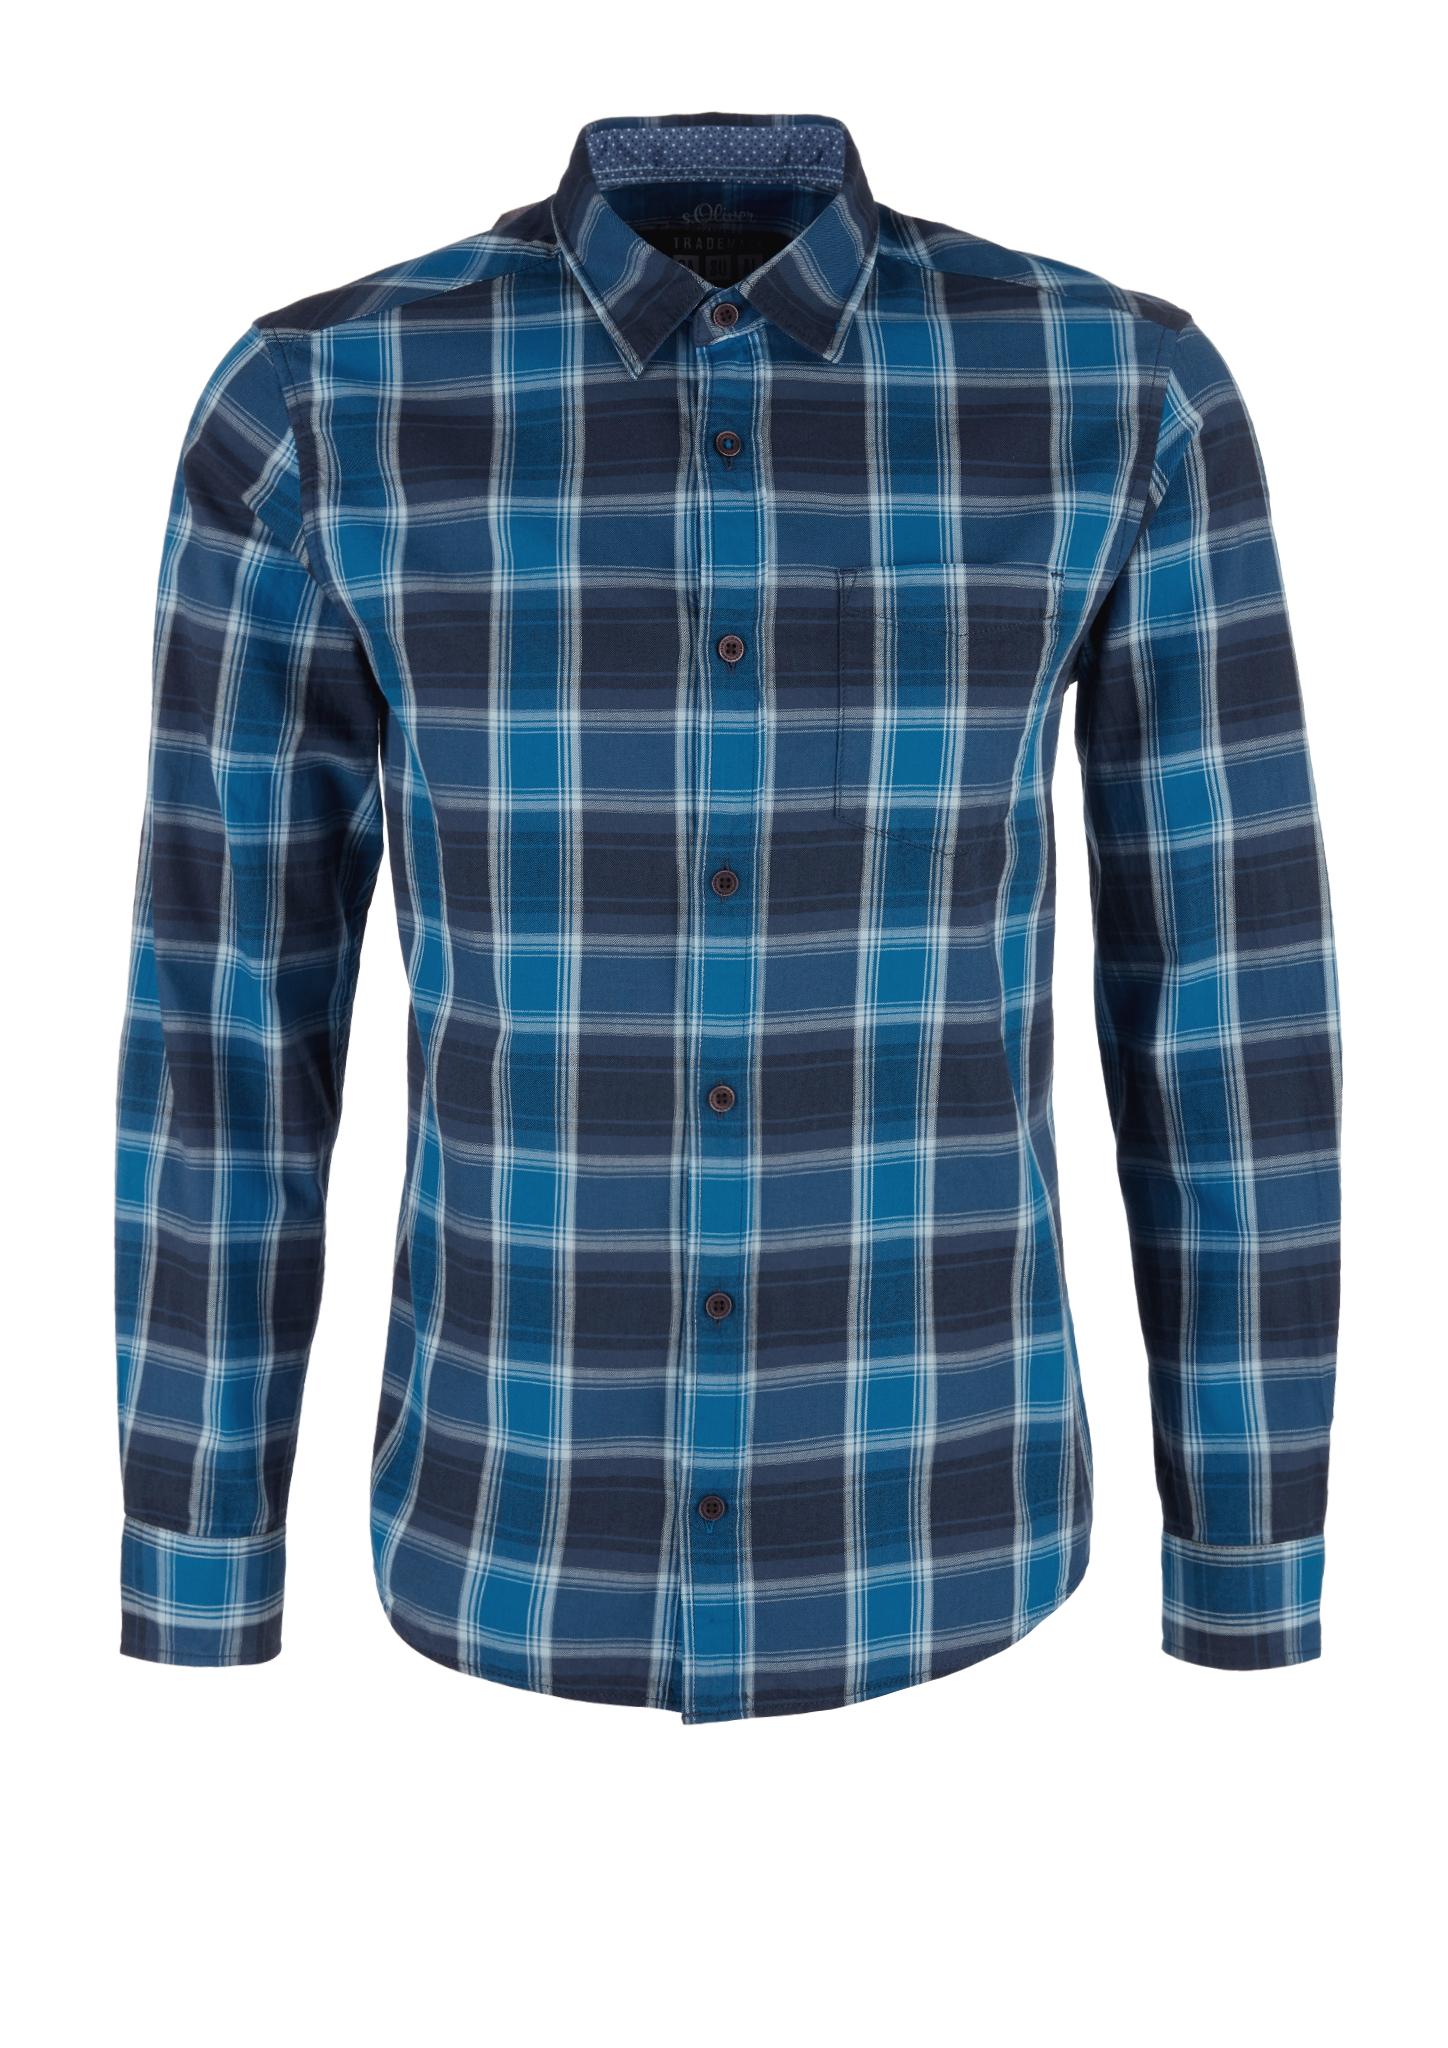 Karohemd   Bekleidung > Hemden   Blau   100% baumwolle   s.Oliver